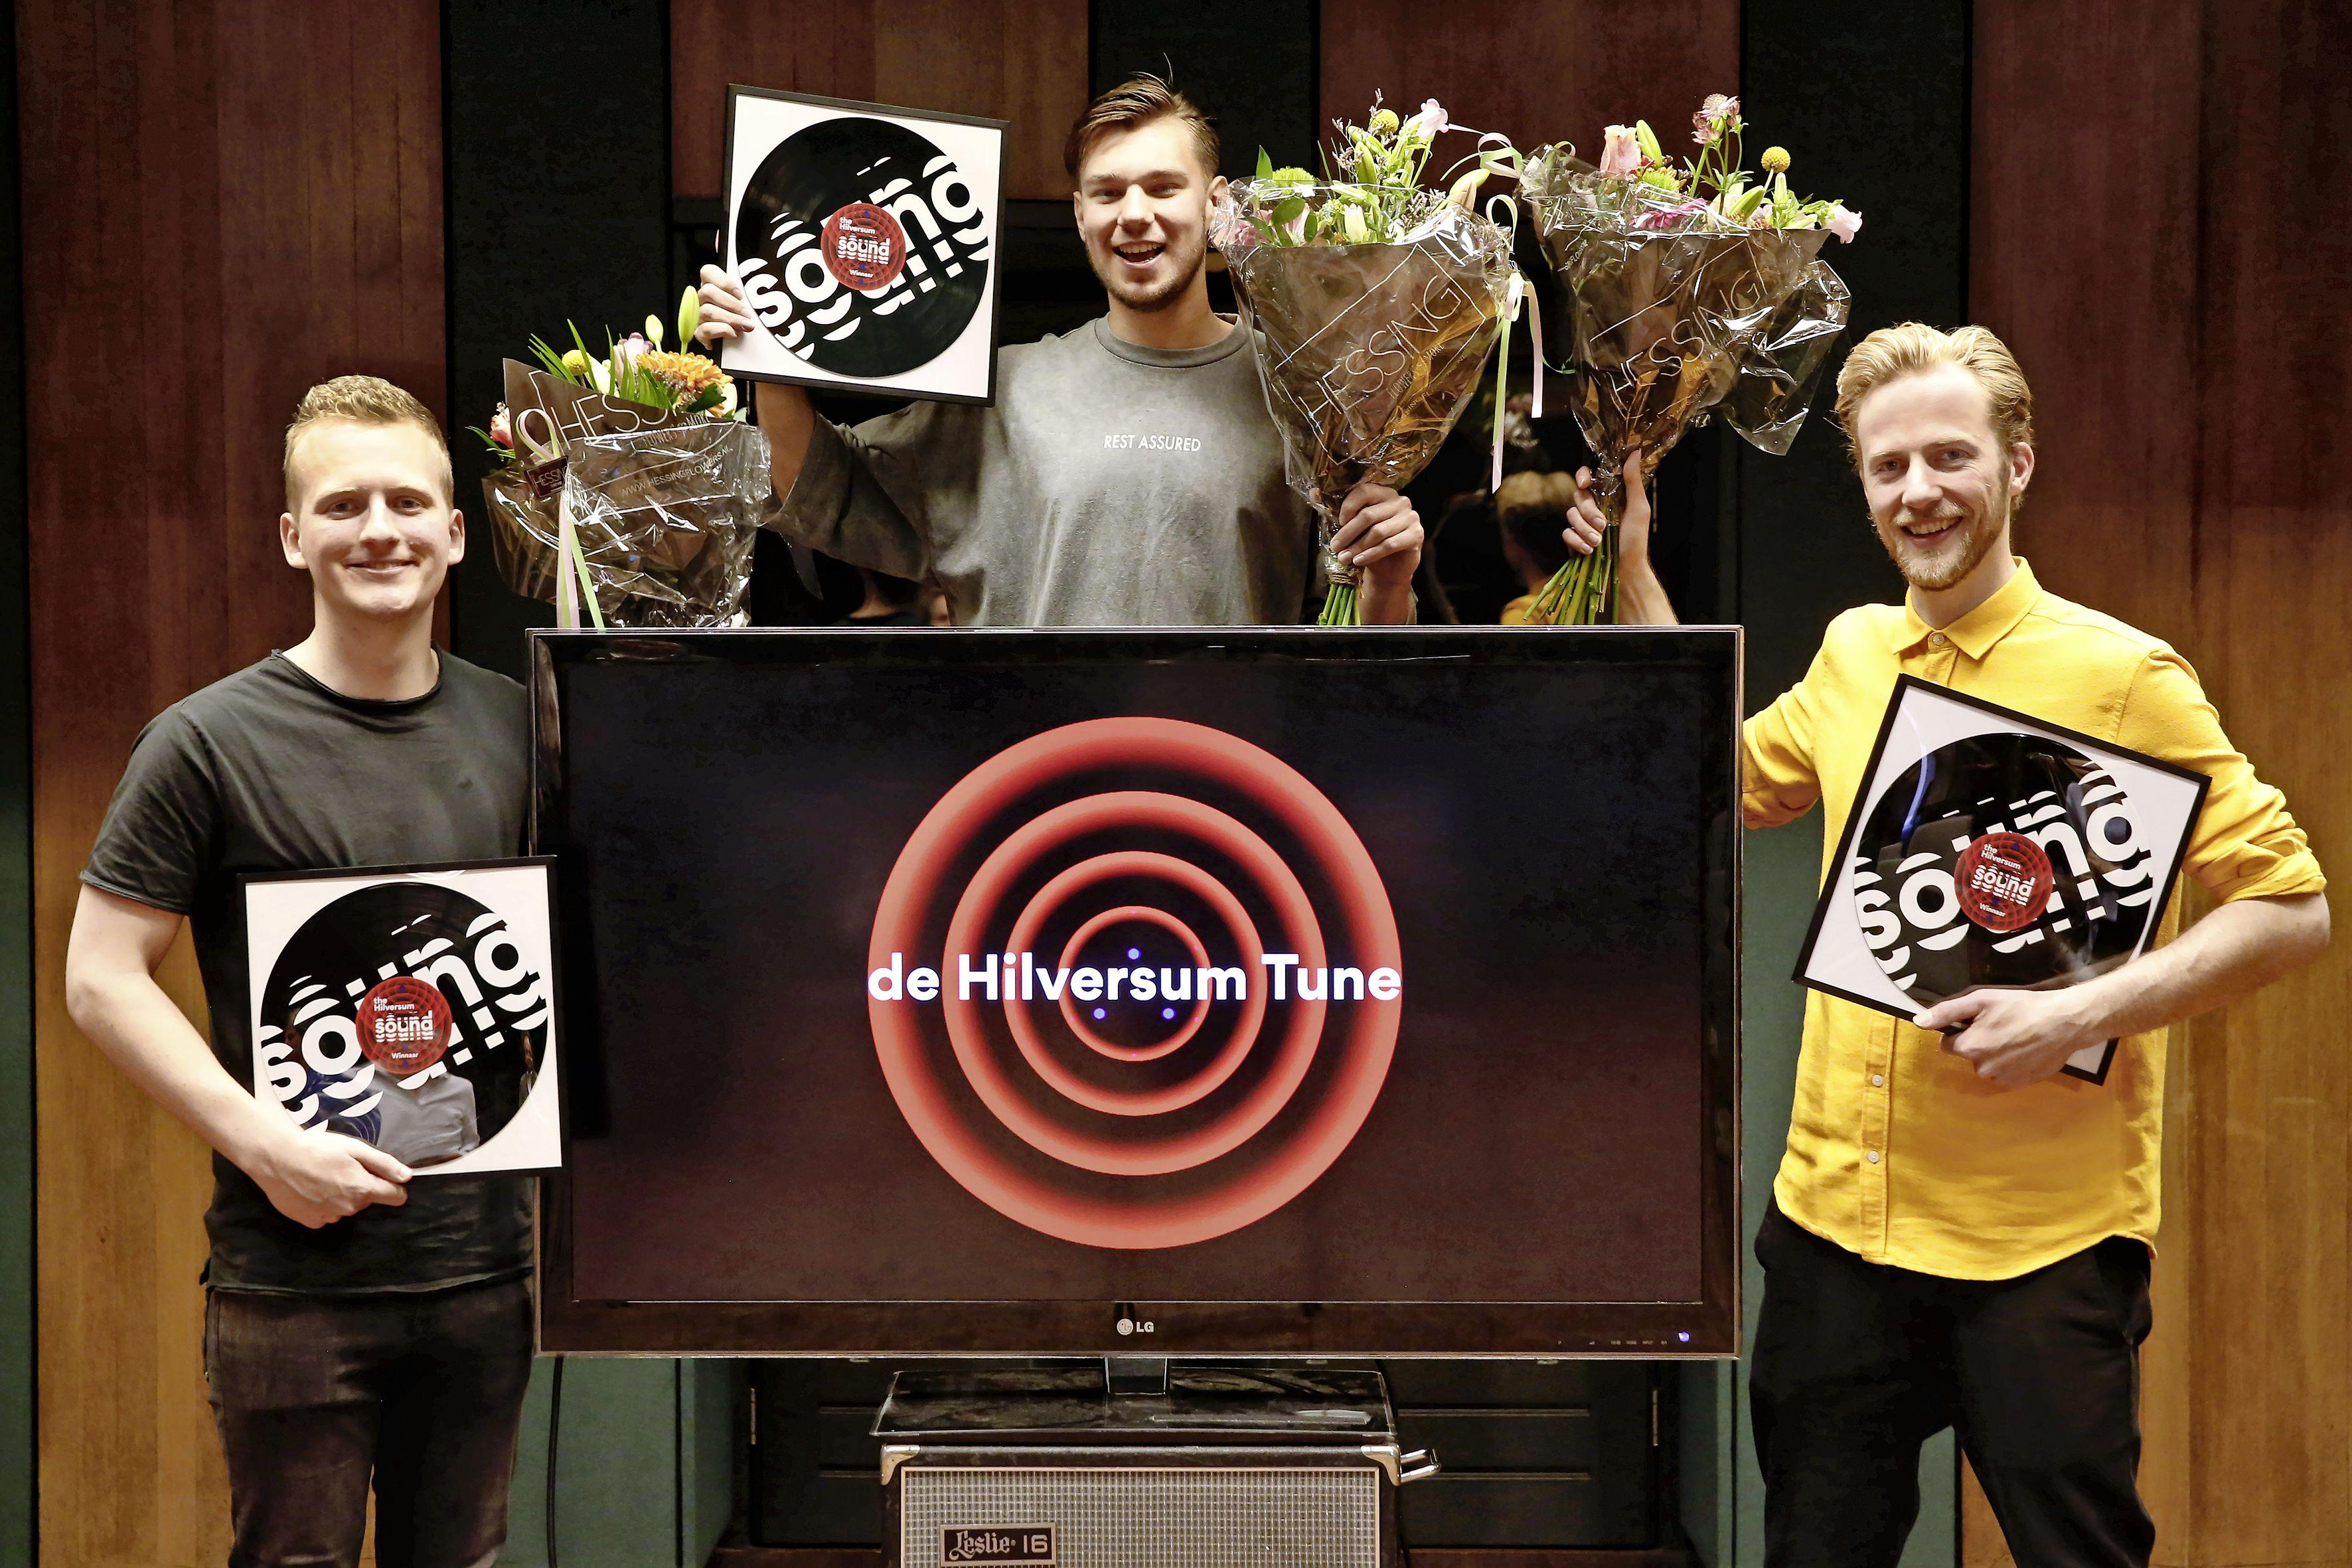 Hilversum heeft nu ook zijn eigen muziektune. De drie makers zijn een mix van stijlen en kwaliteiten. 'Net als Hilversum eigenlijk' [video]